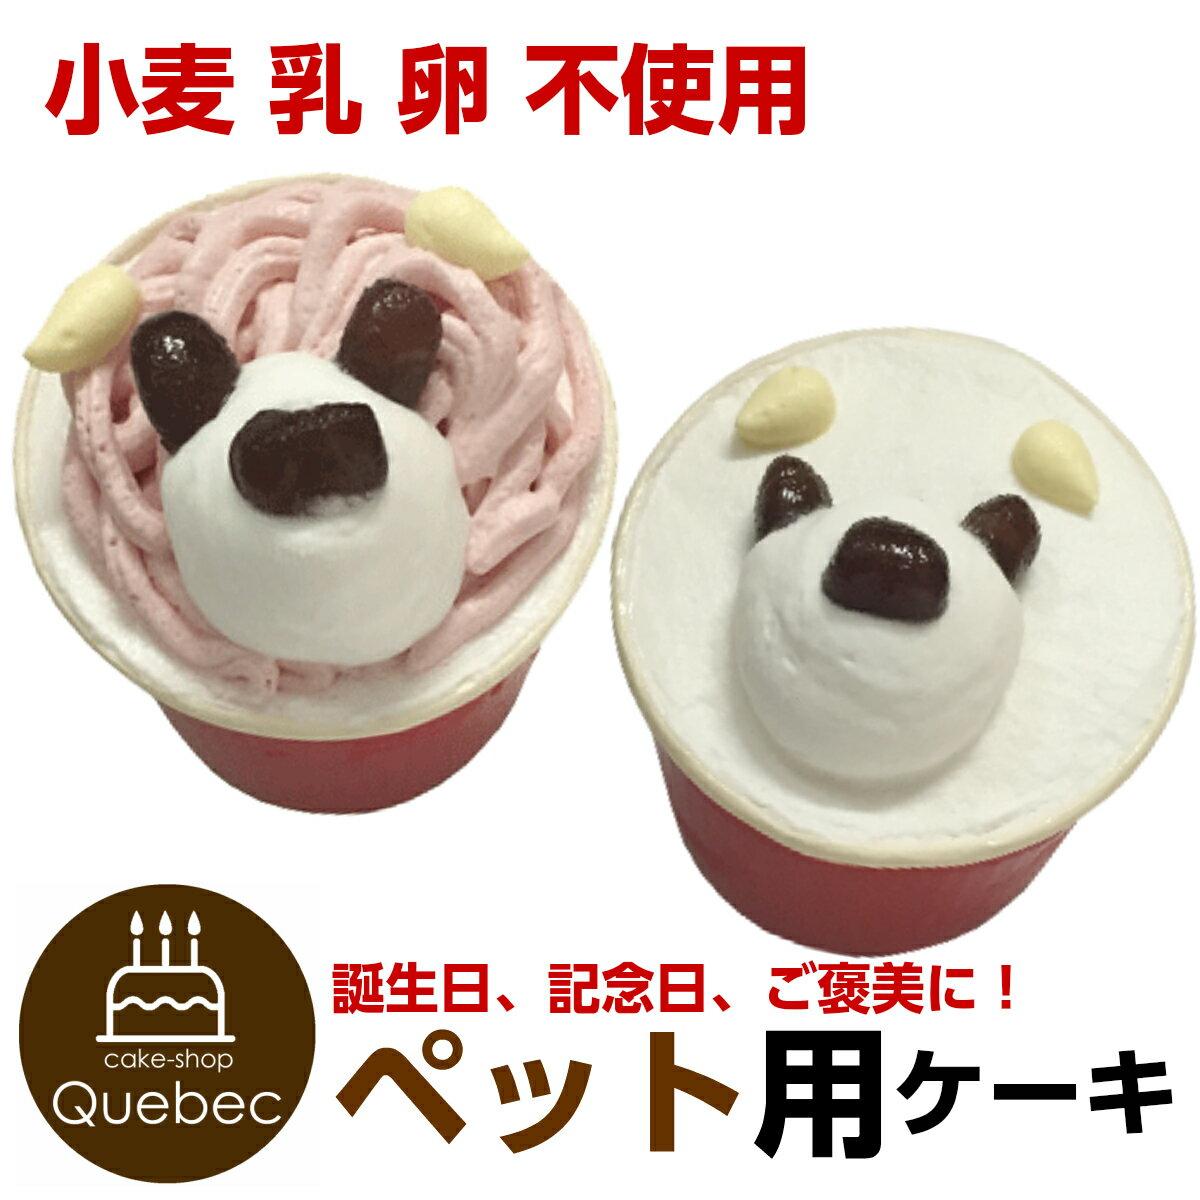 新入荷 (コミフ) 小麦 乳 卵 不使用 アレルギー ワンちゃん用 犬用 ワンちゃん用 やさしいスイーツ 豆乳プレーン&豆乳イチゴセット ペットケーキ